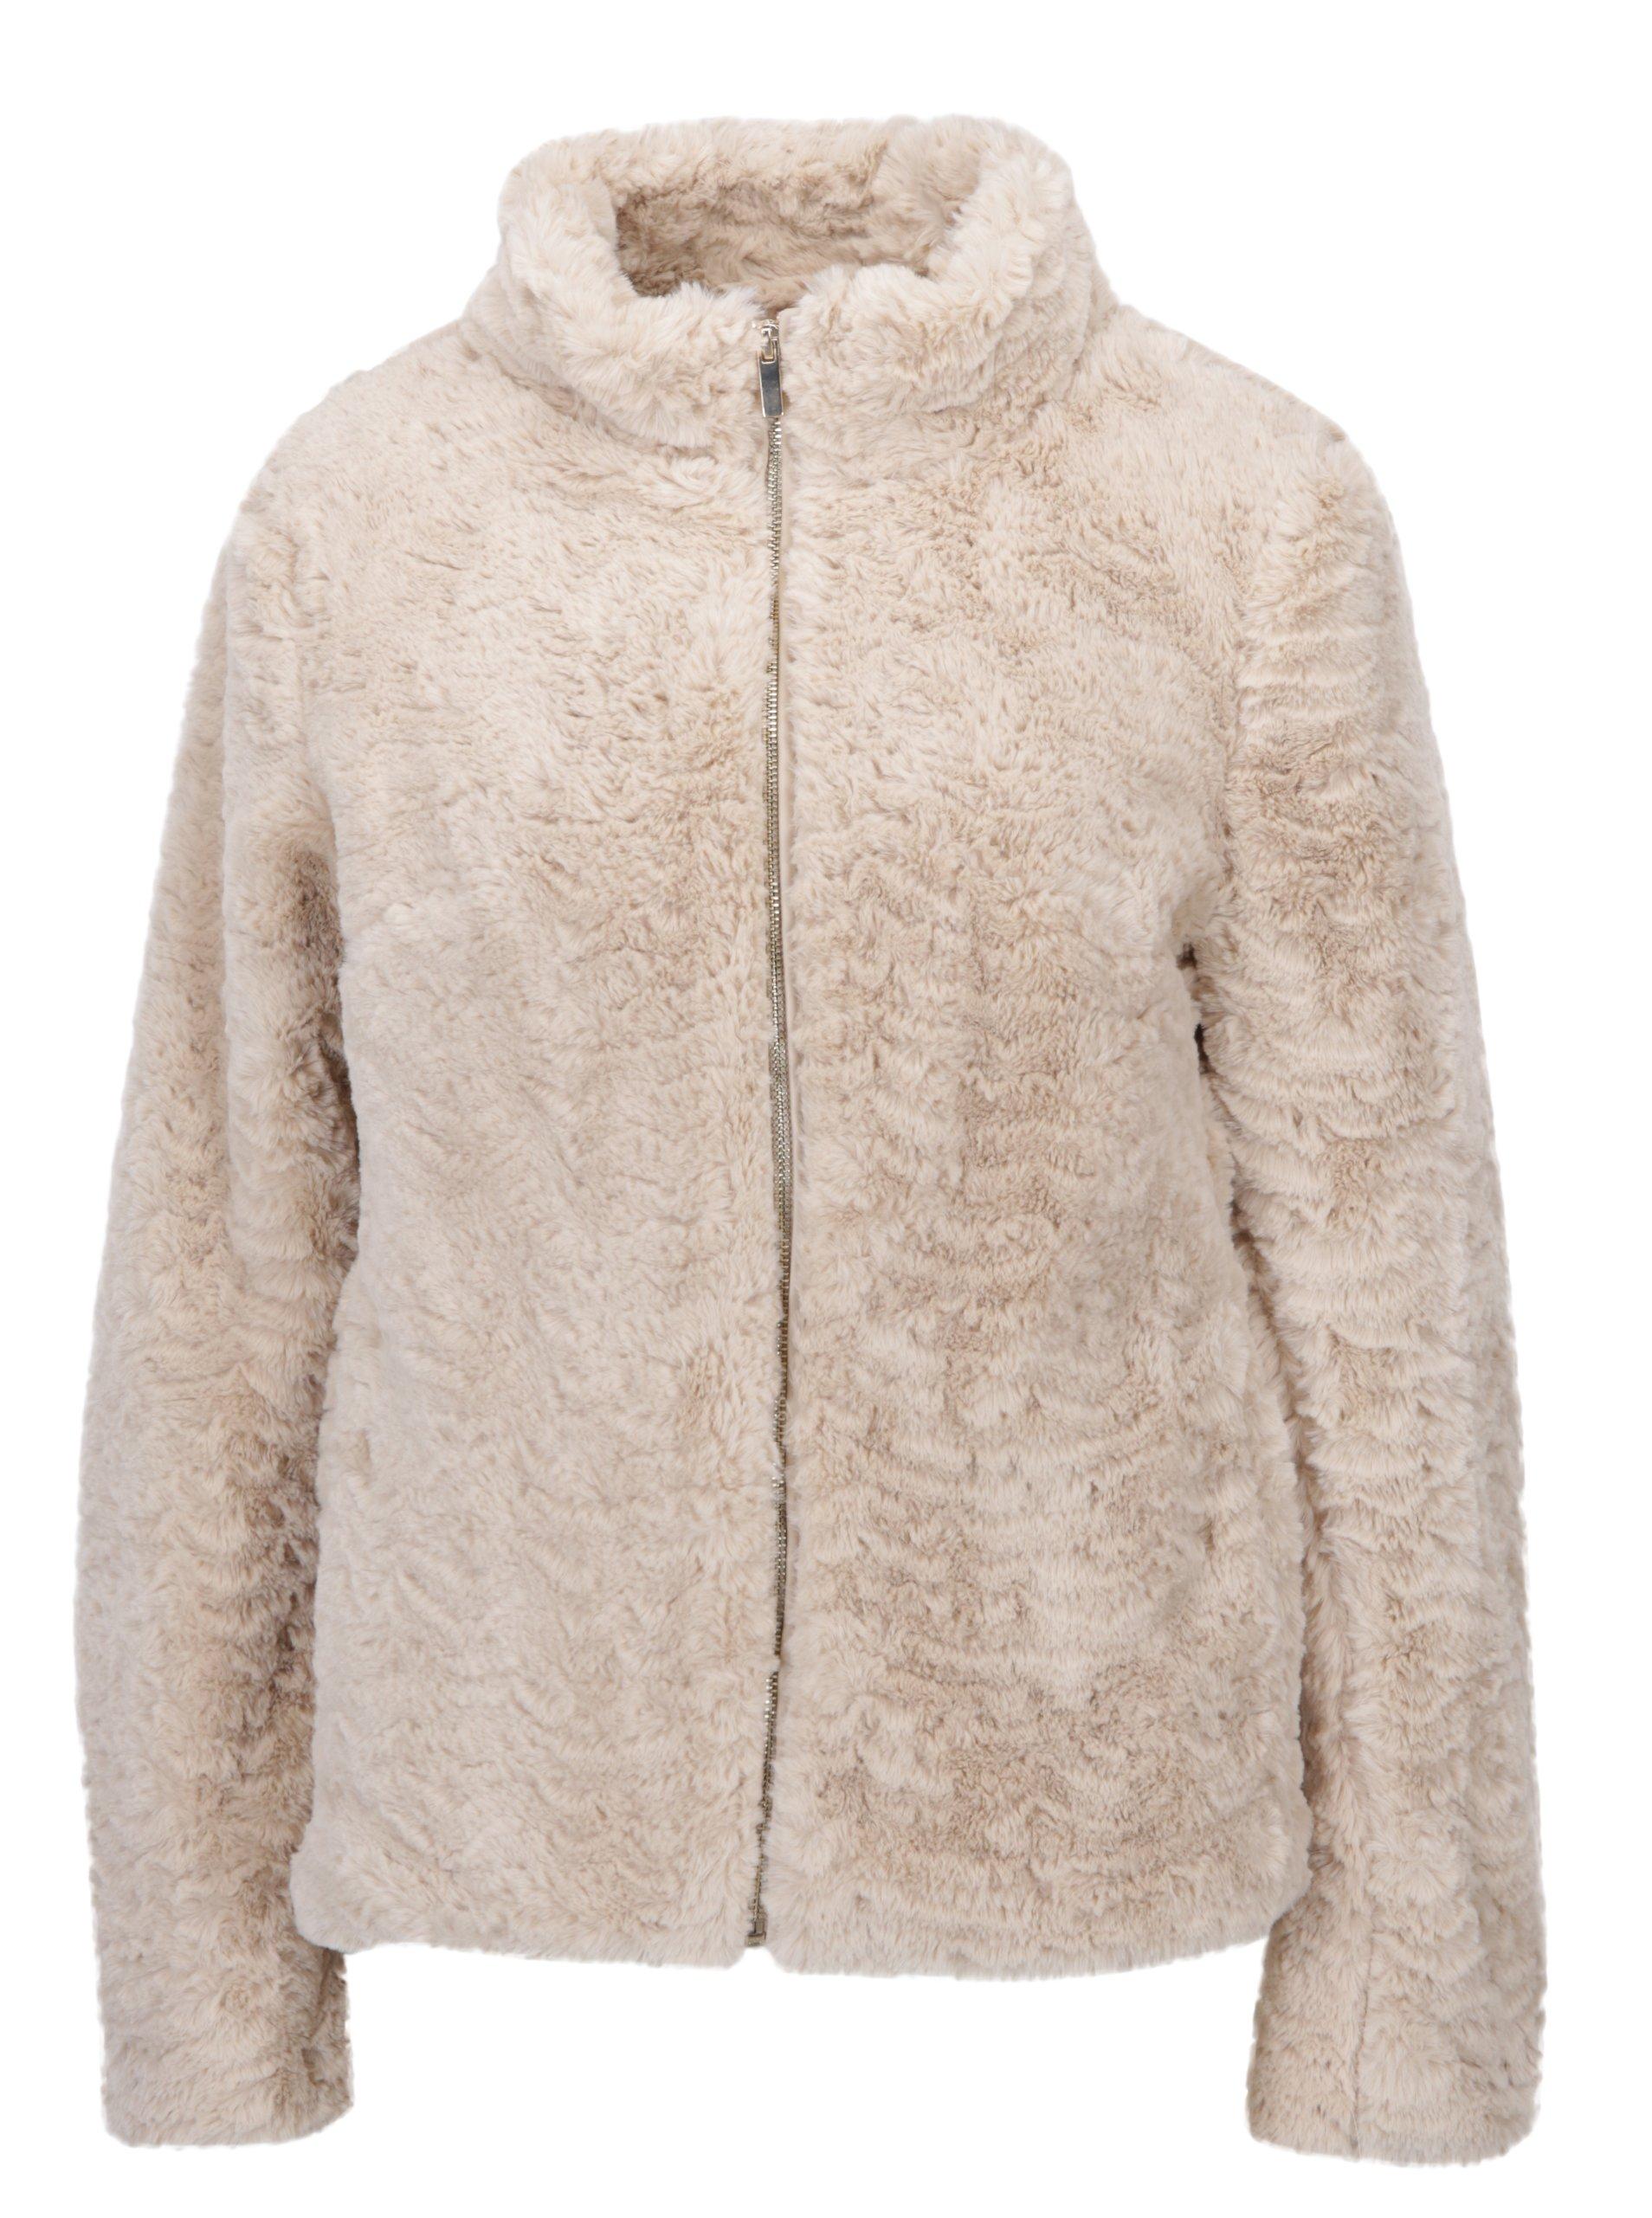 6f02f7e286cf Béžová bunda z umelej kožušiny Dorothy Perkins